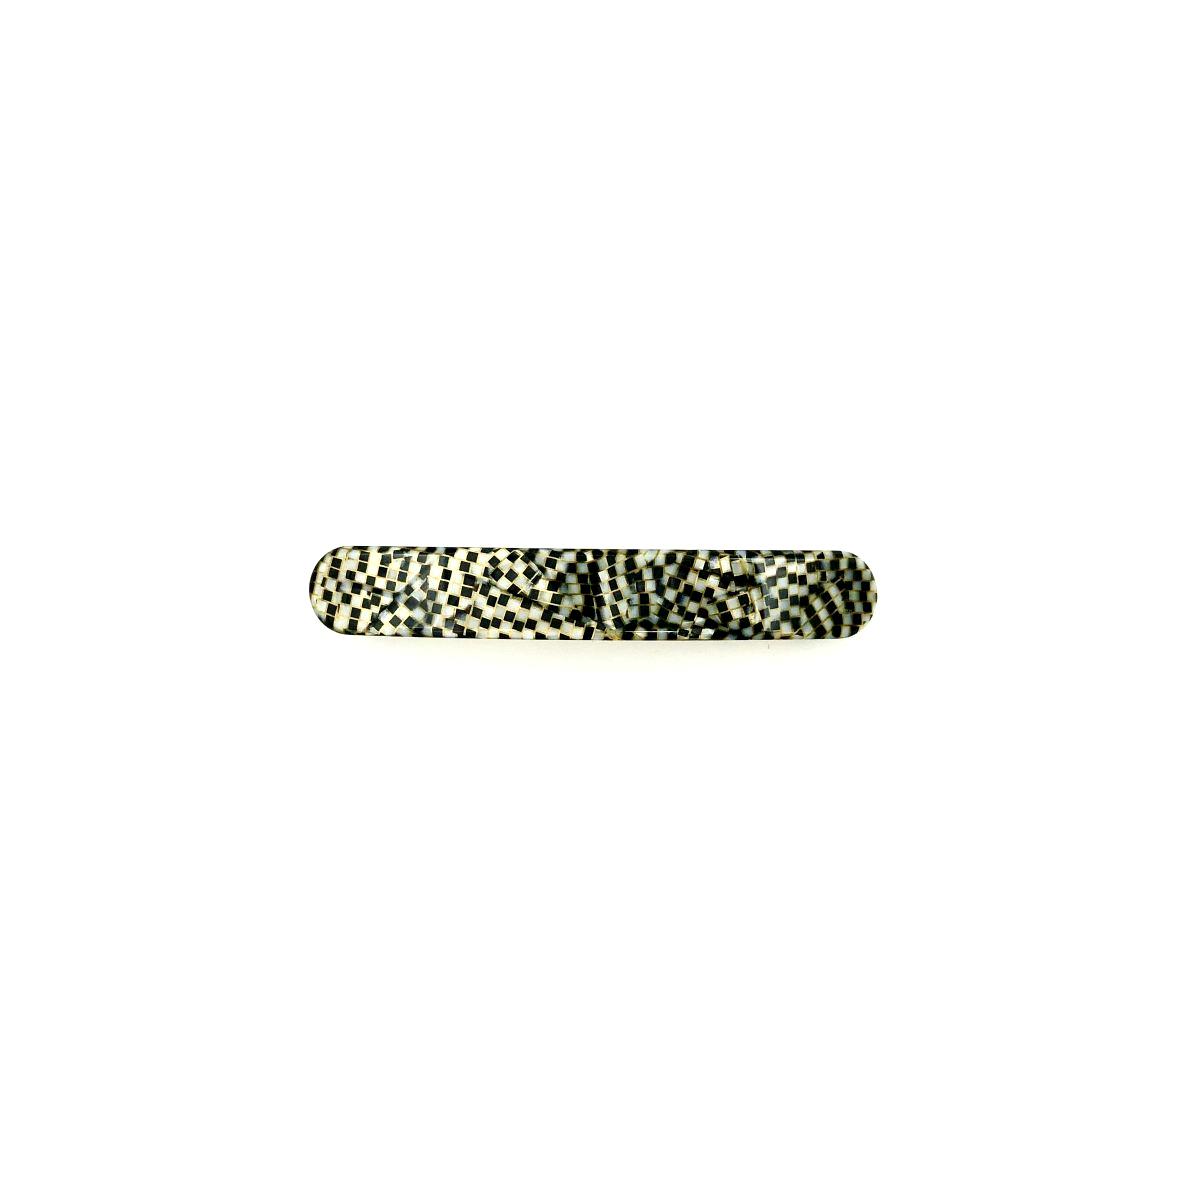 Haarspange silbergrau/schwarz - klein, flach - 7,7 cm